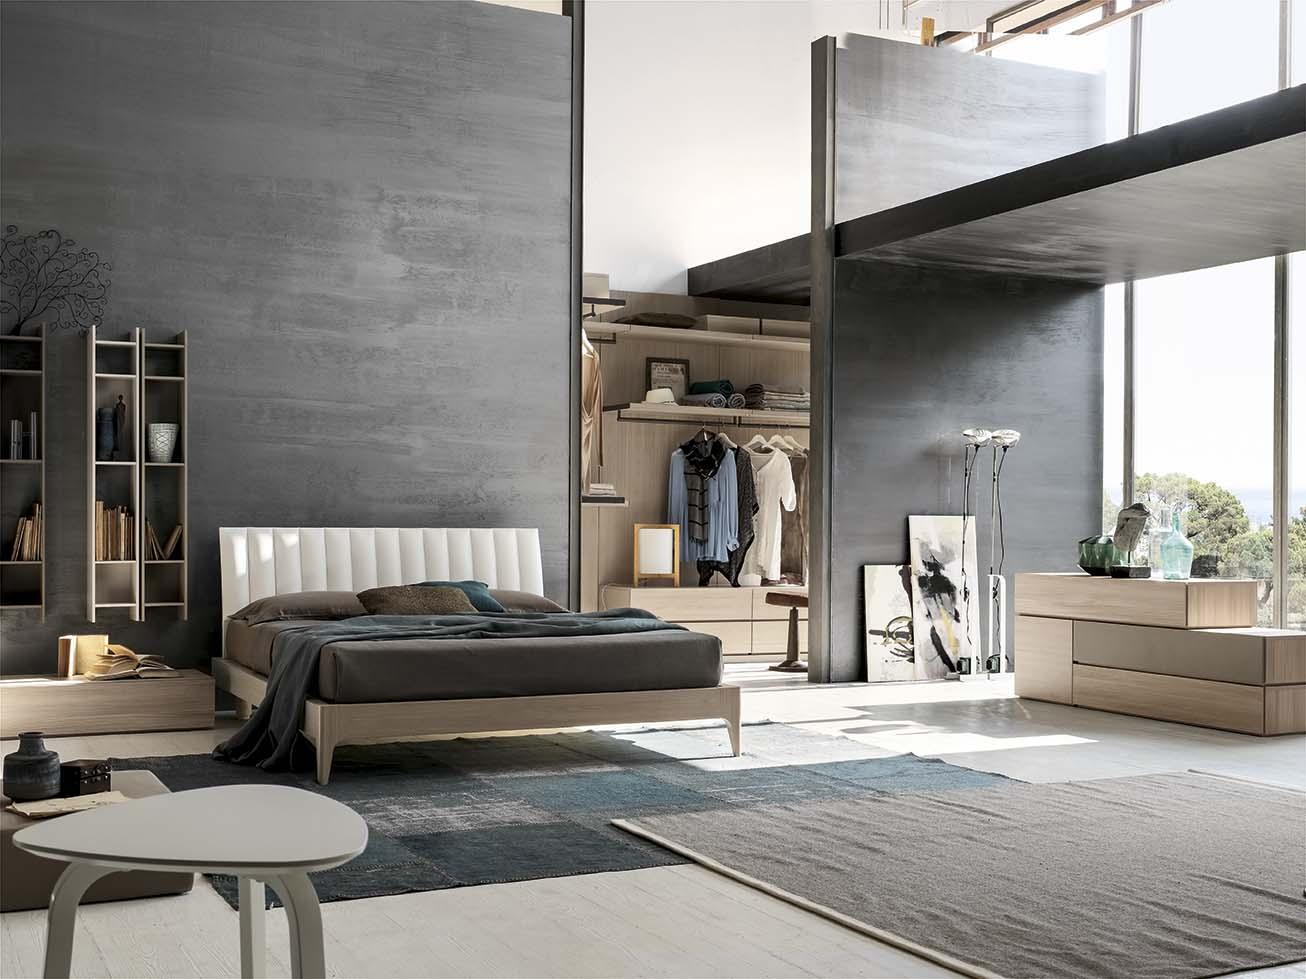 Camere da letto santa lucia arredo spazio casa for Arredamento di design tedesco